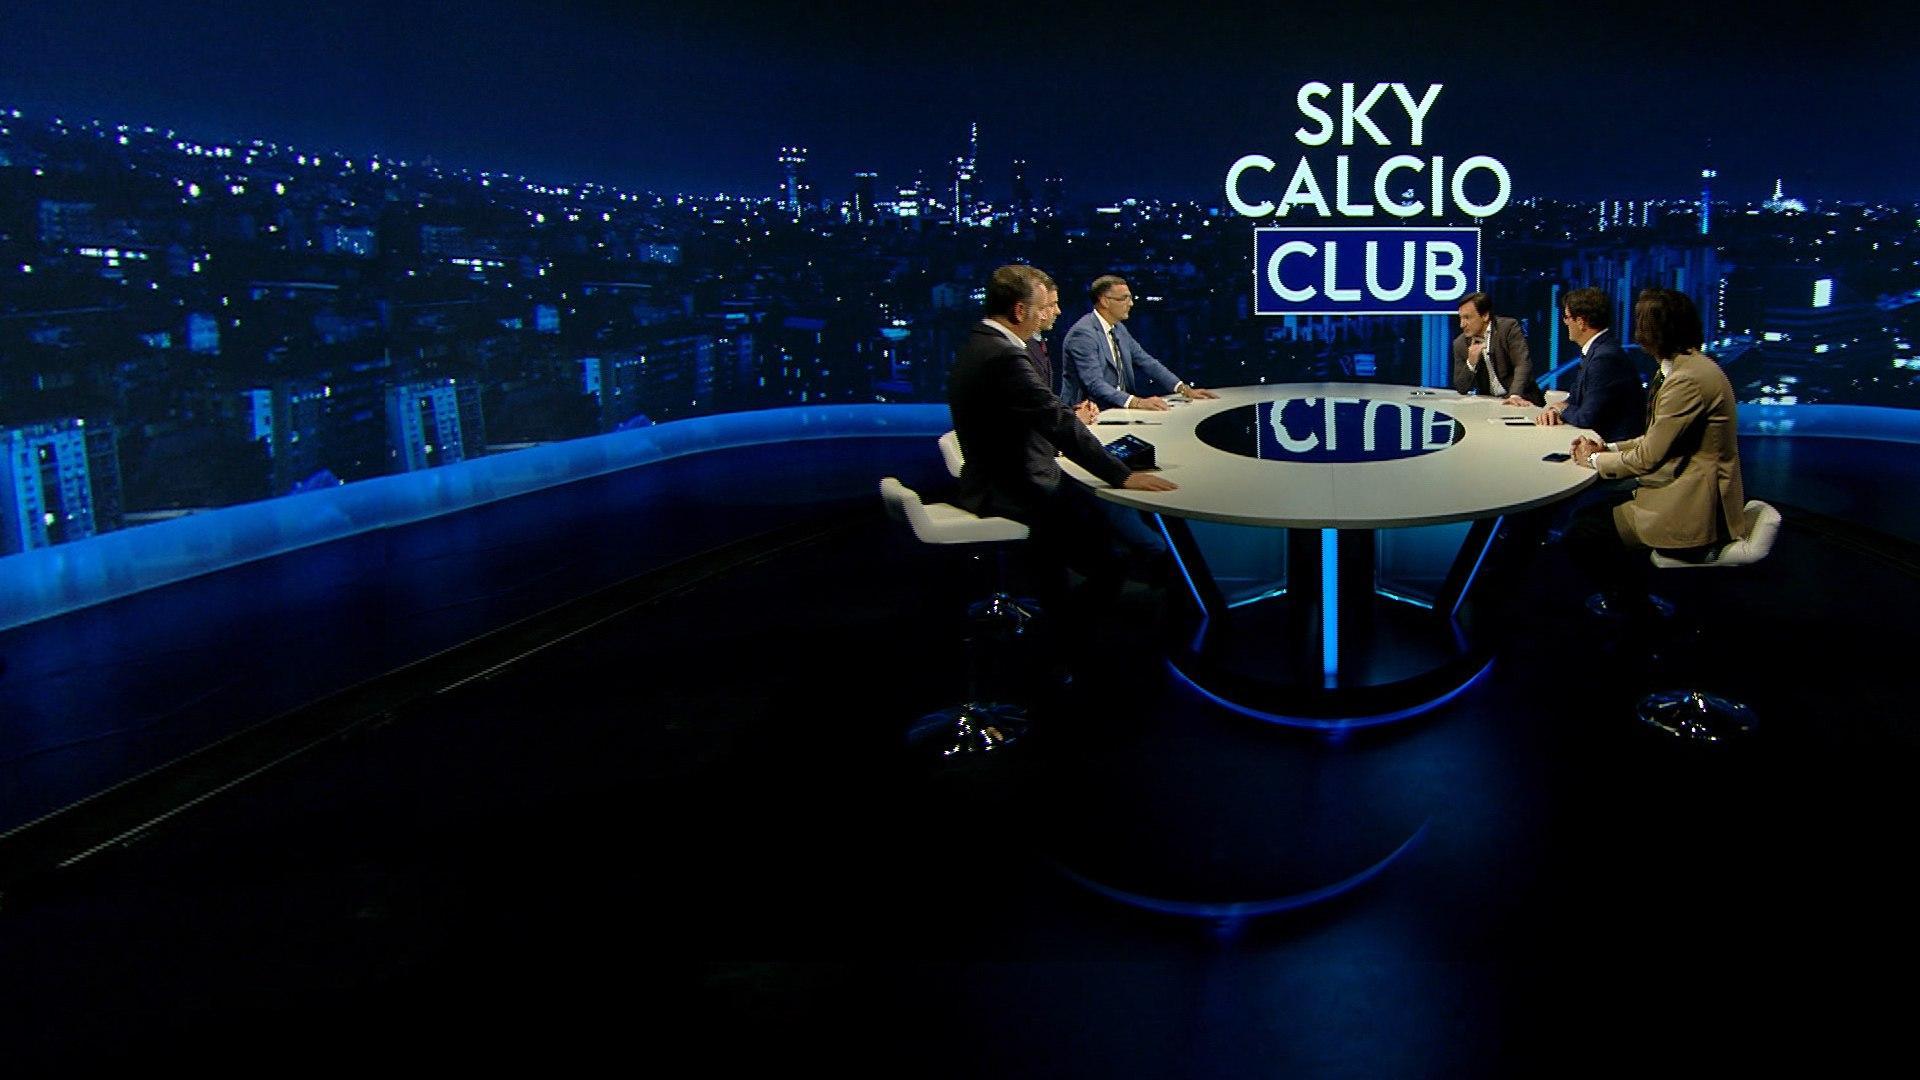 Sky Sport Uno Sky Calcio Club 4a g. 1a parte   (diretta)